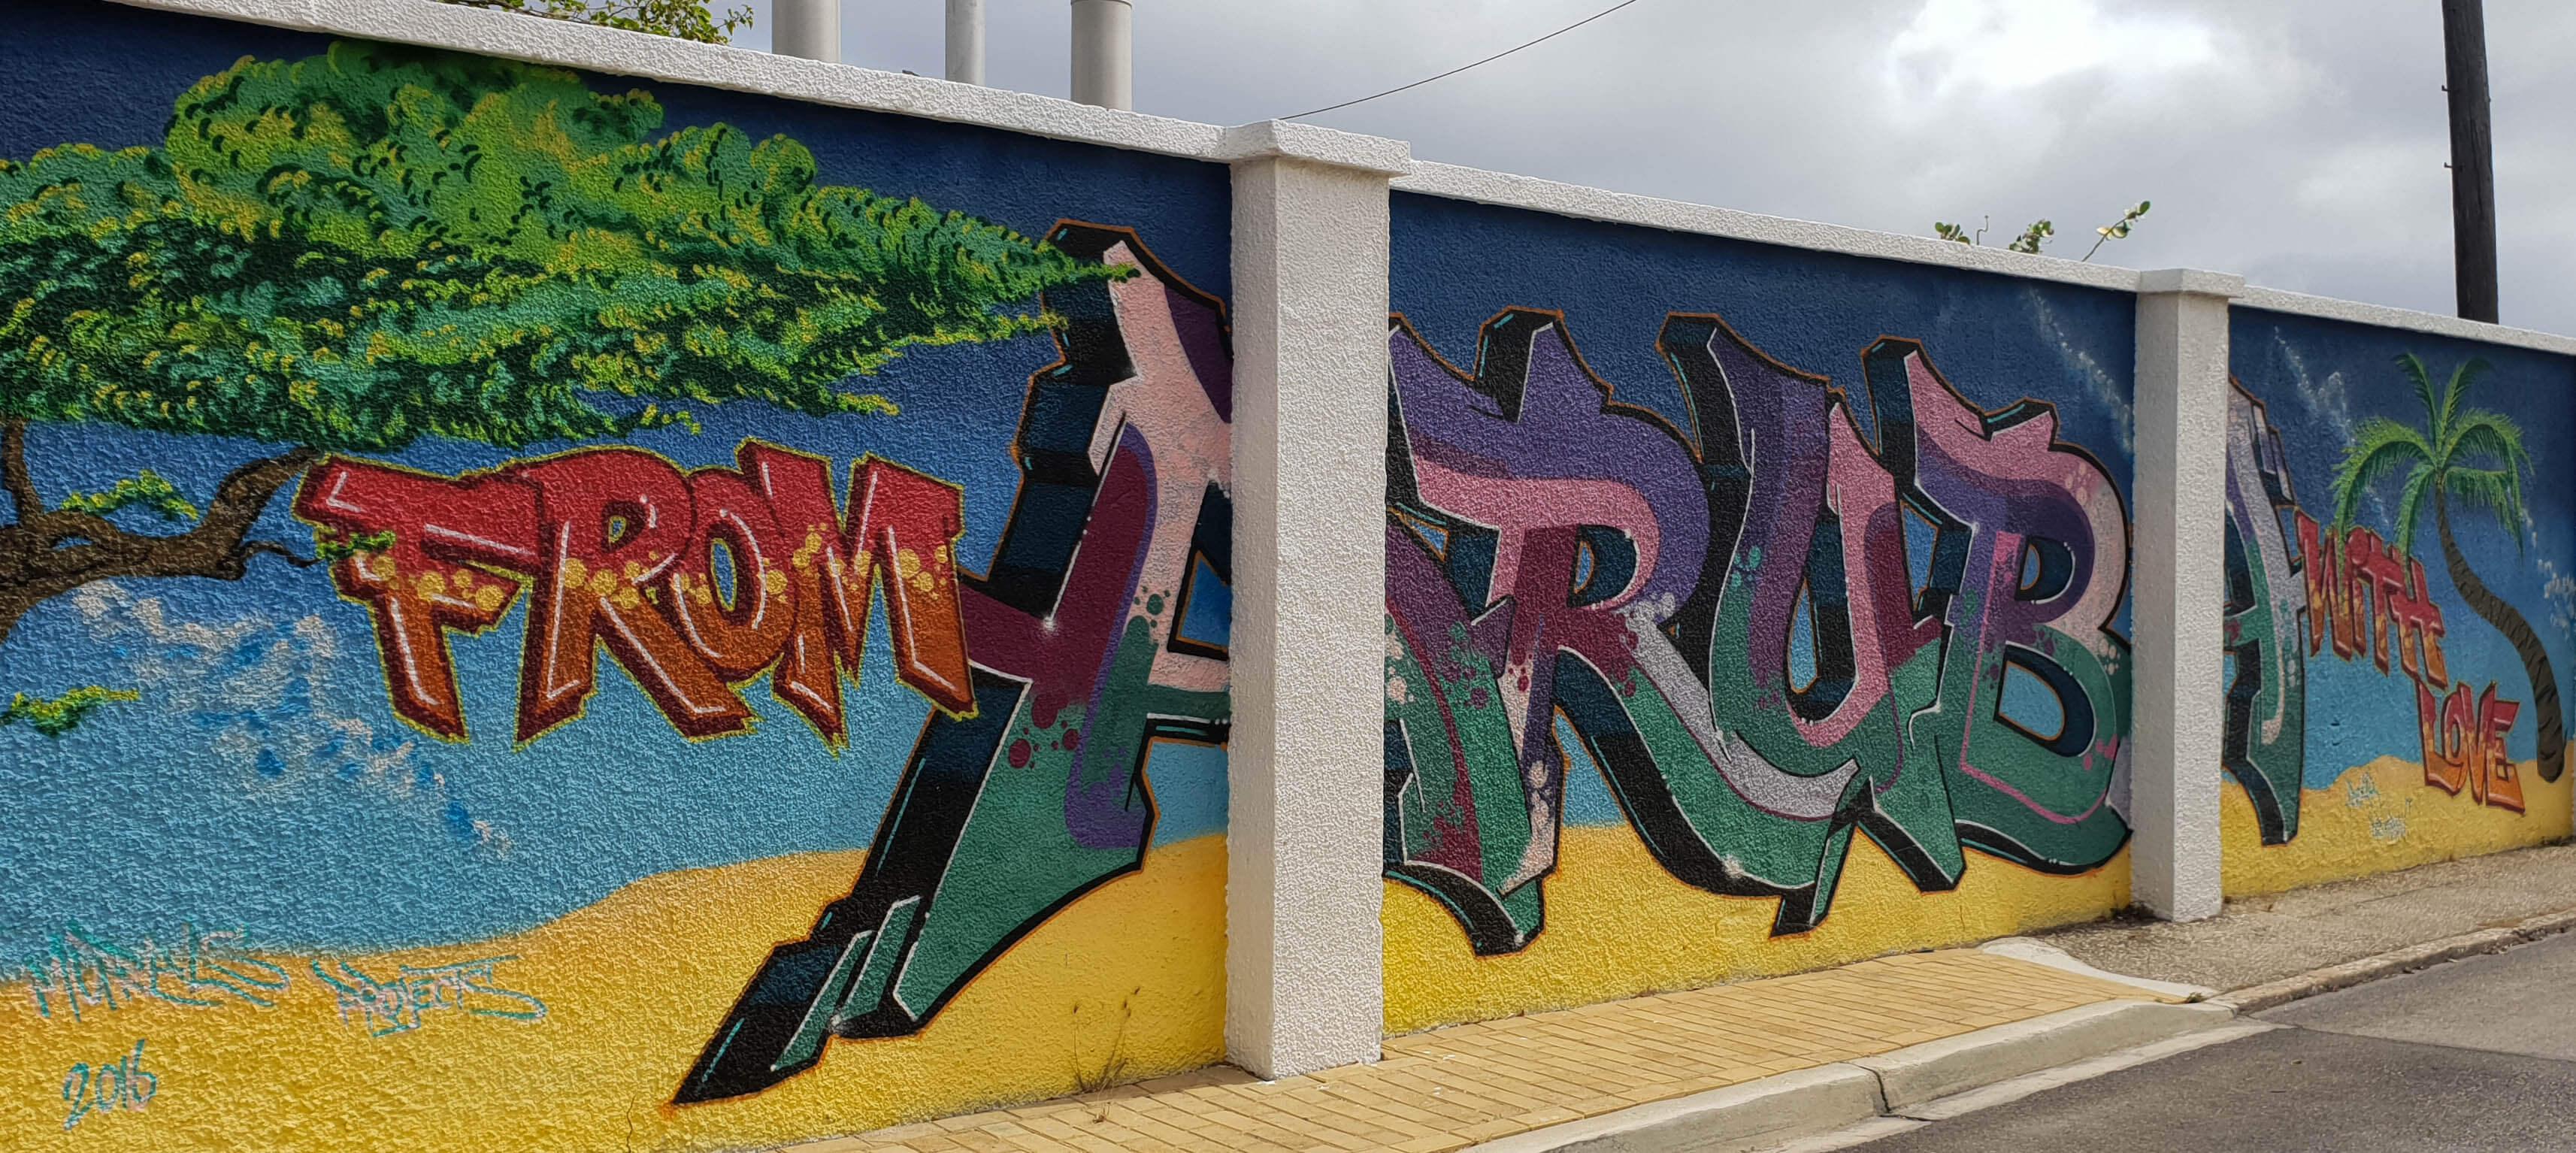 Mooiste plekjes op Aruba